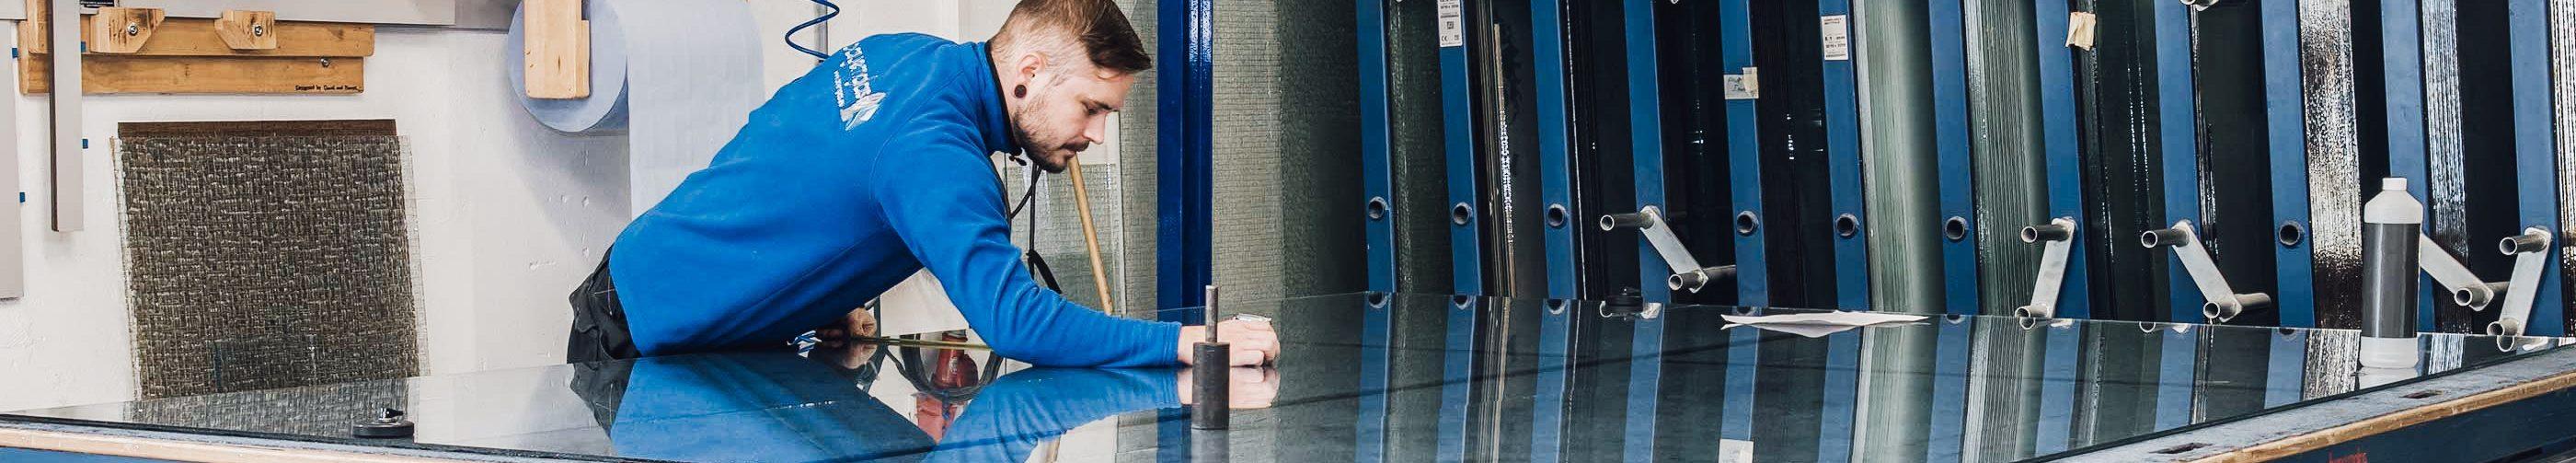 bayernglas job karriere glaser handwerker stellenanzeige stellenausschreibung bayern wartenberg glasermeister